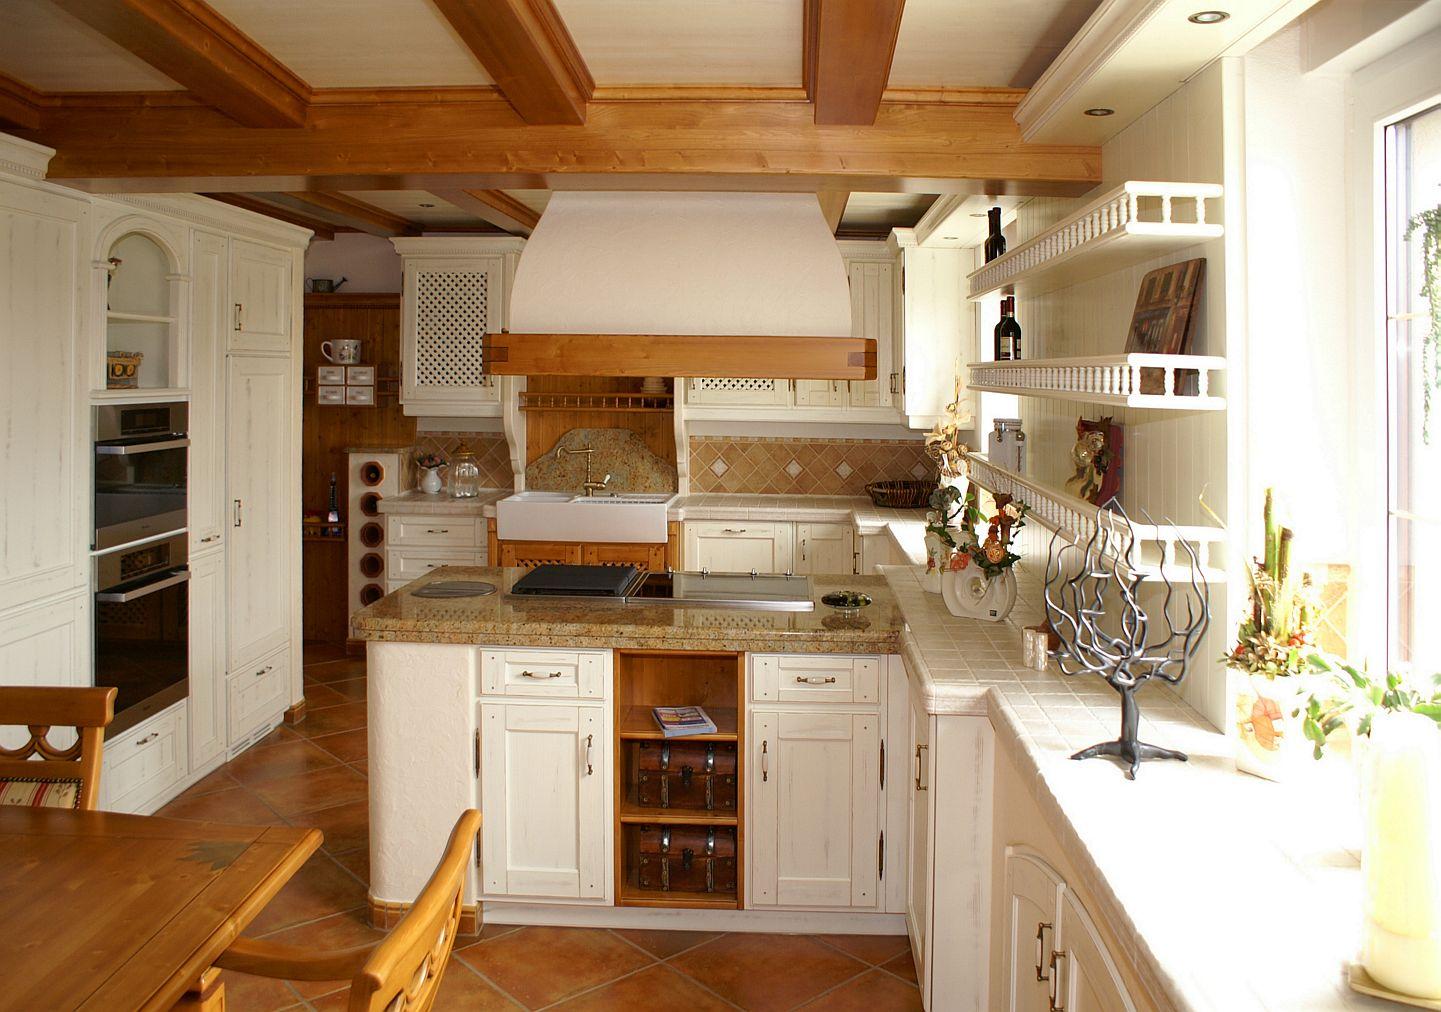 k che carnia in fichte massiv mit wandvert felung und holzbalkendecke m bel finsterwalder. Black Bedroom Furniture Sets. Home Design Ideas